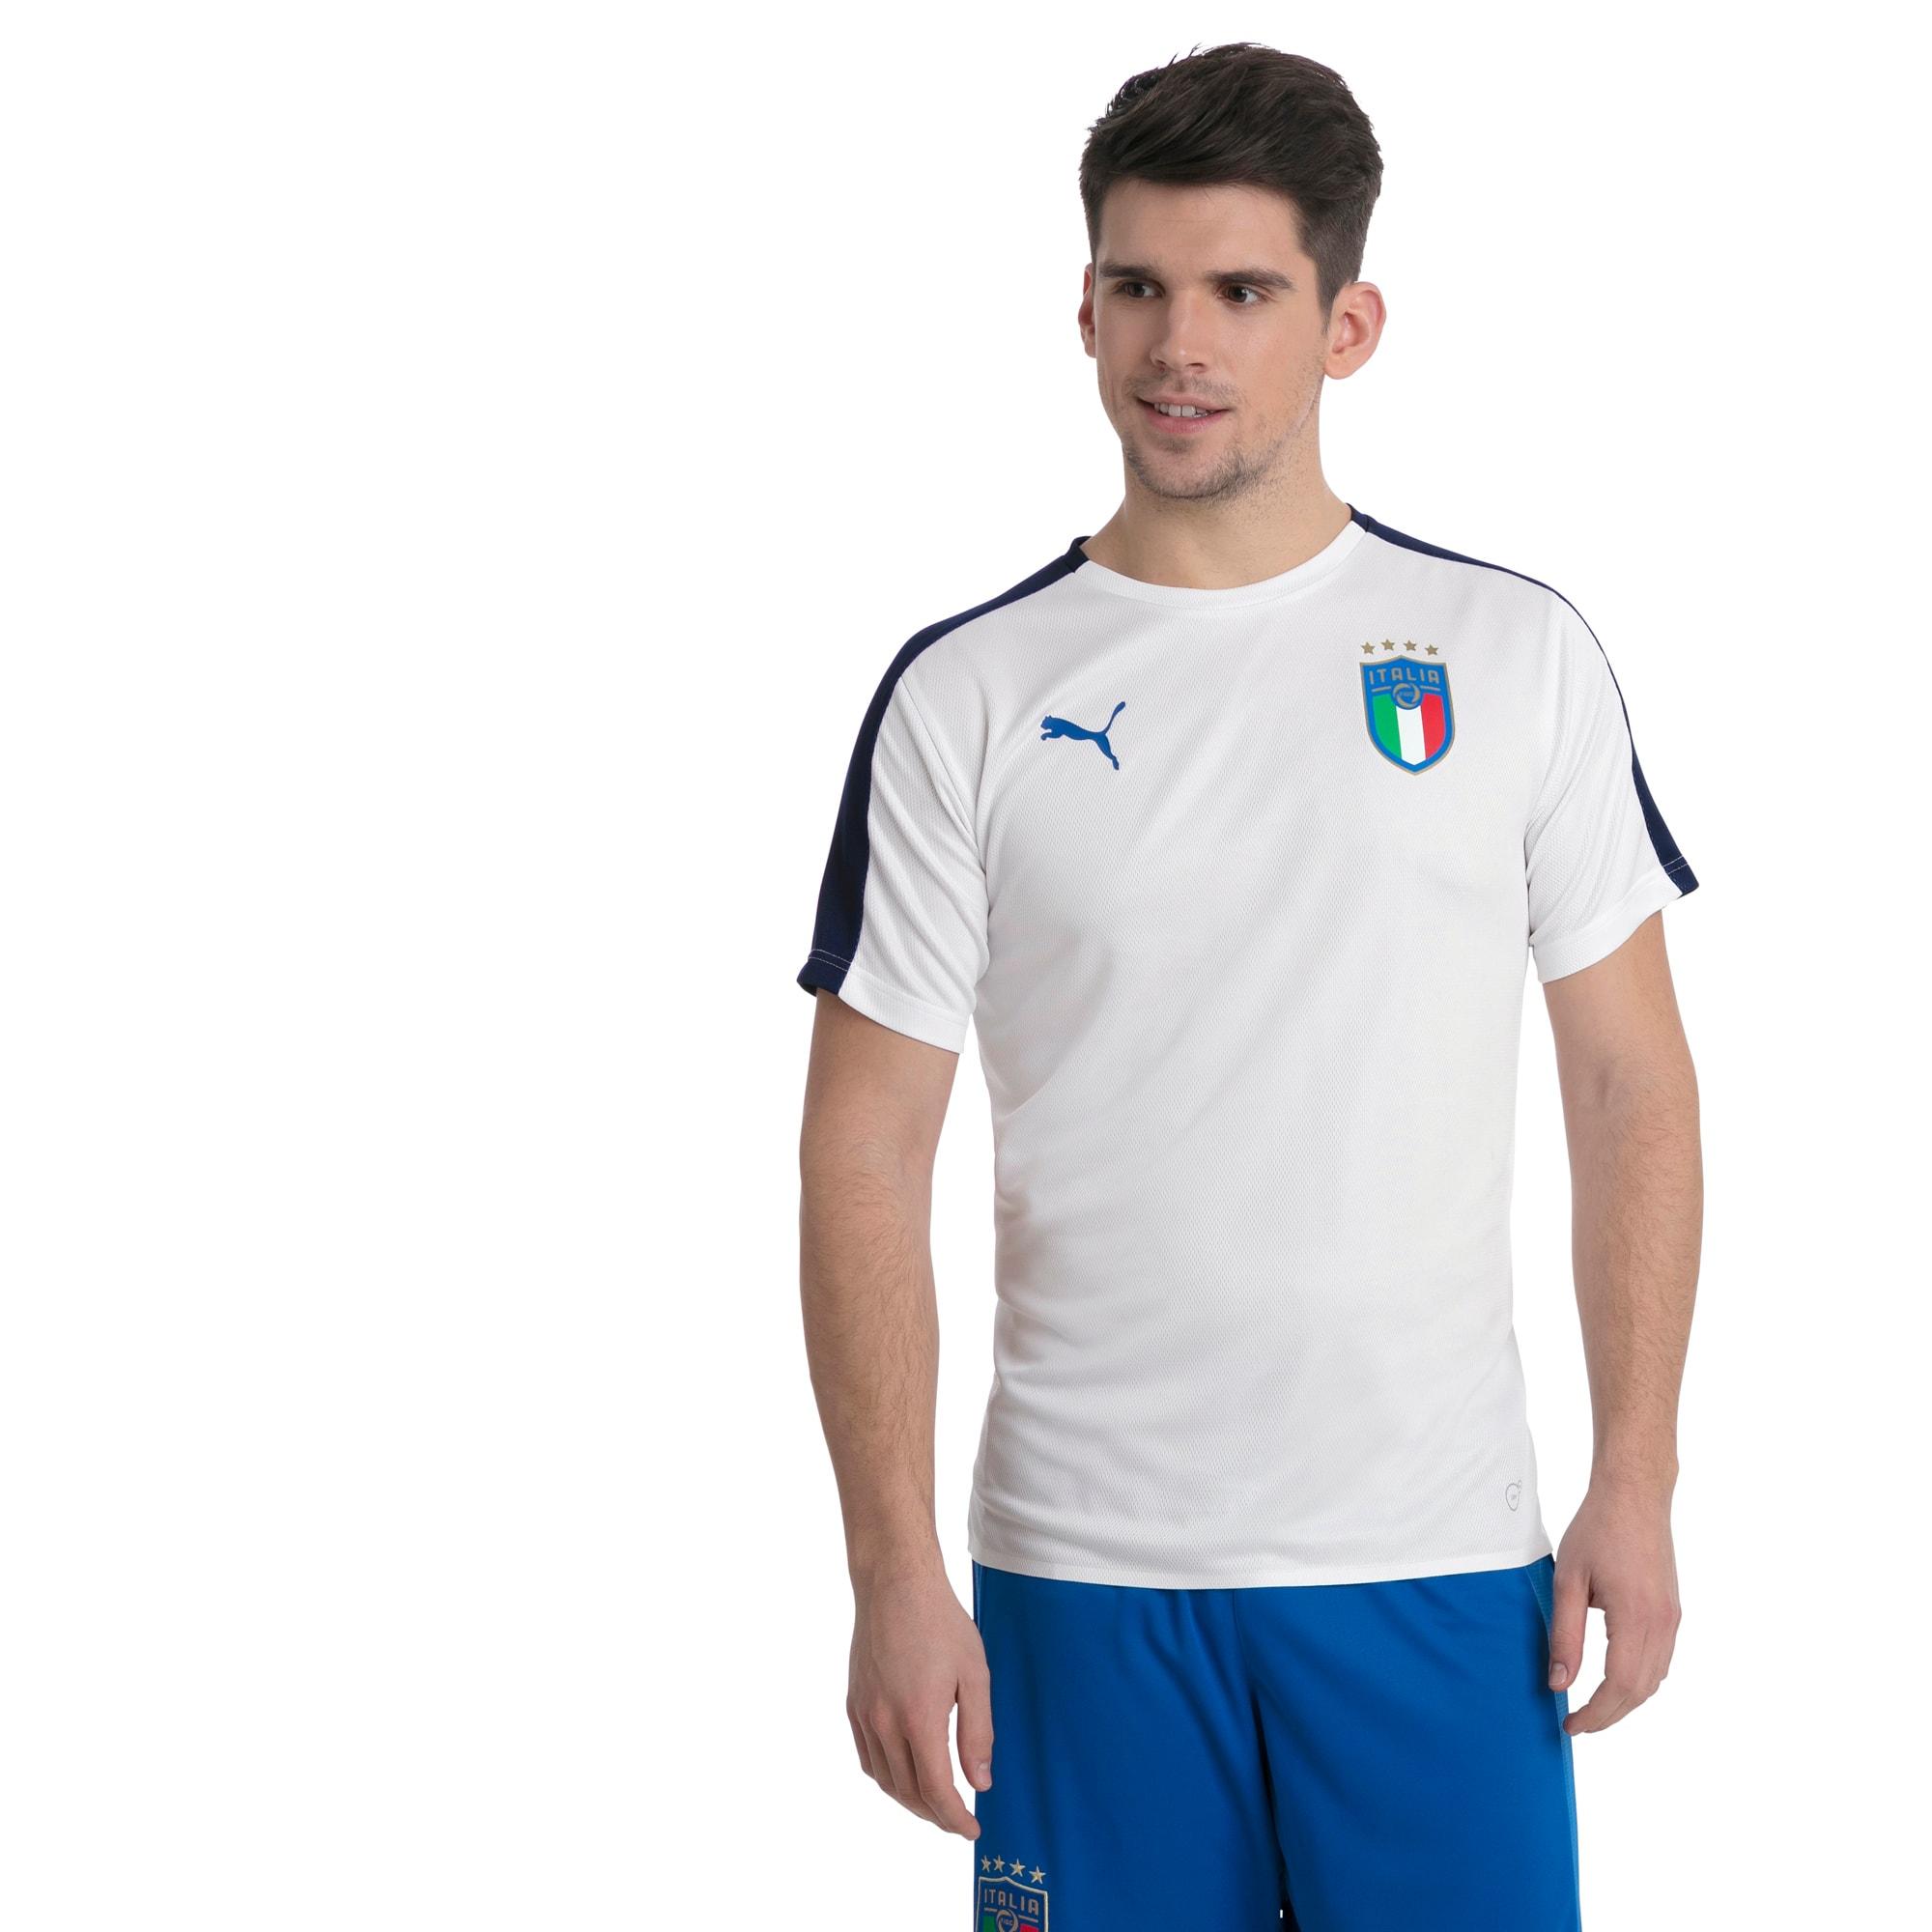 maillot italia stadium pour homme, blanc/bleu, taille xl, vêtements